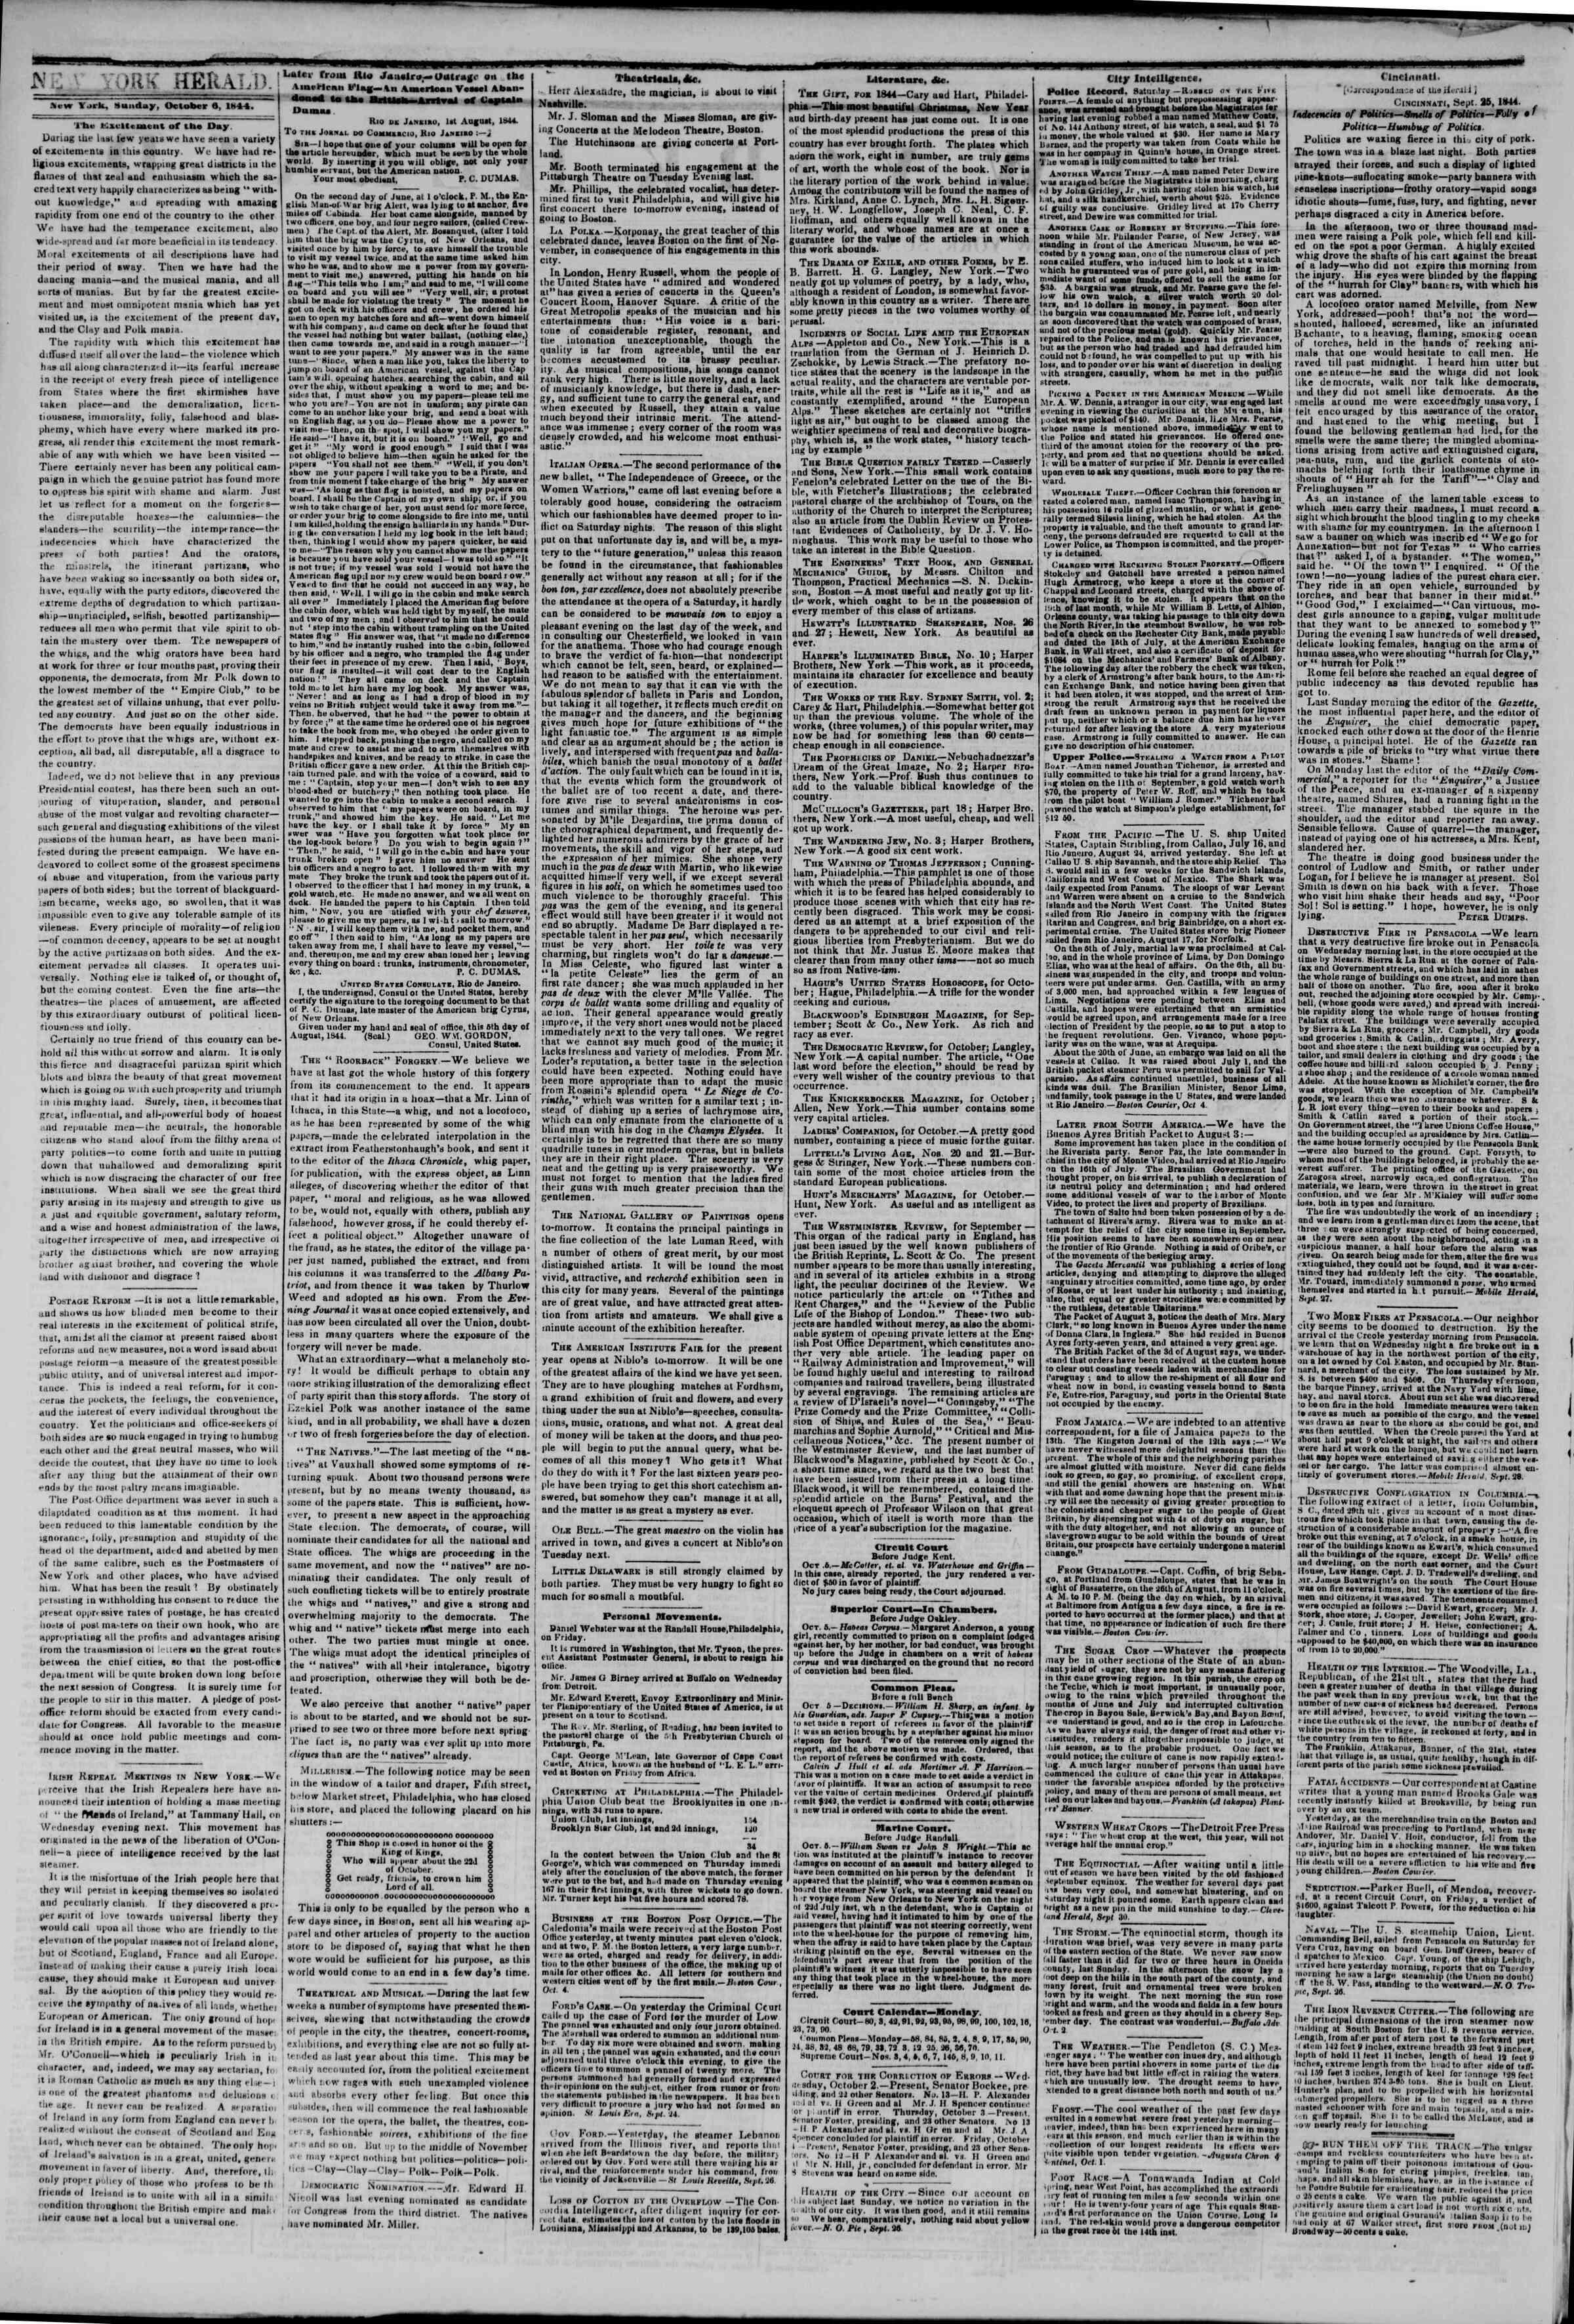 October 6, 1844 Tarihli The New York Herald Gazetesi Sayfa 2